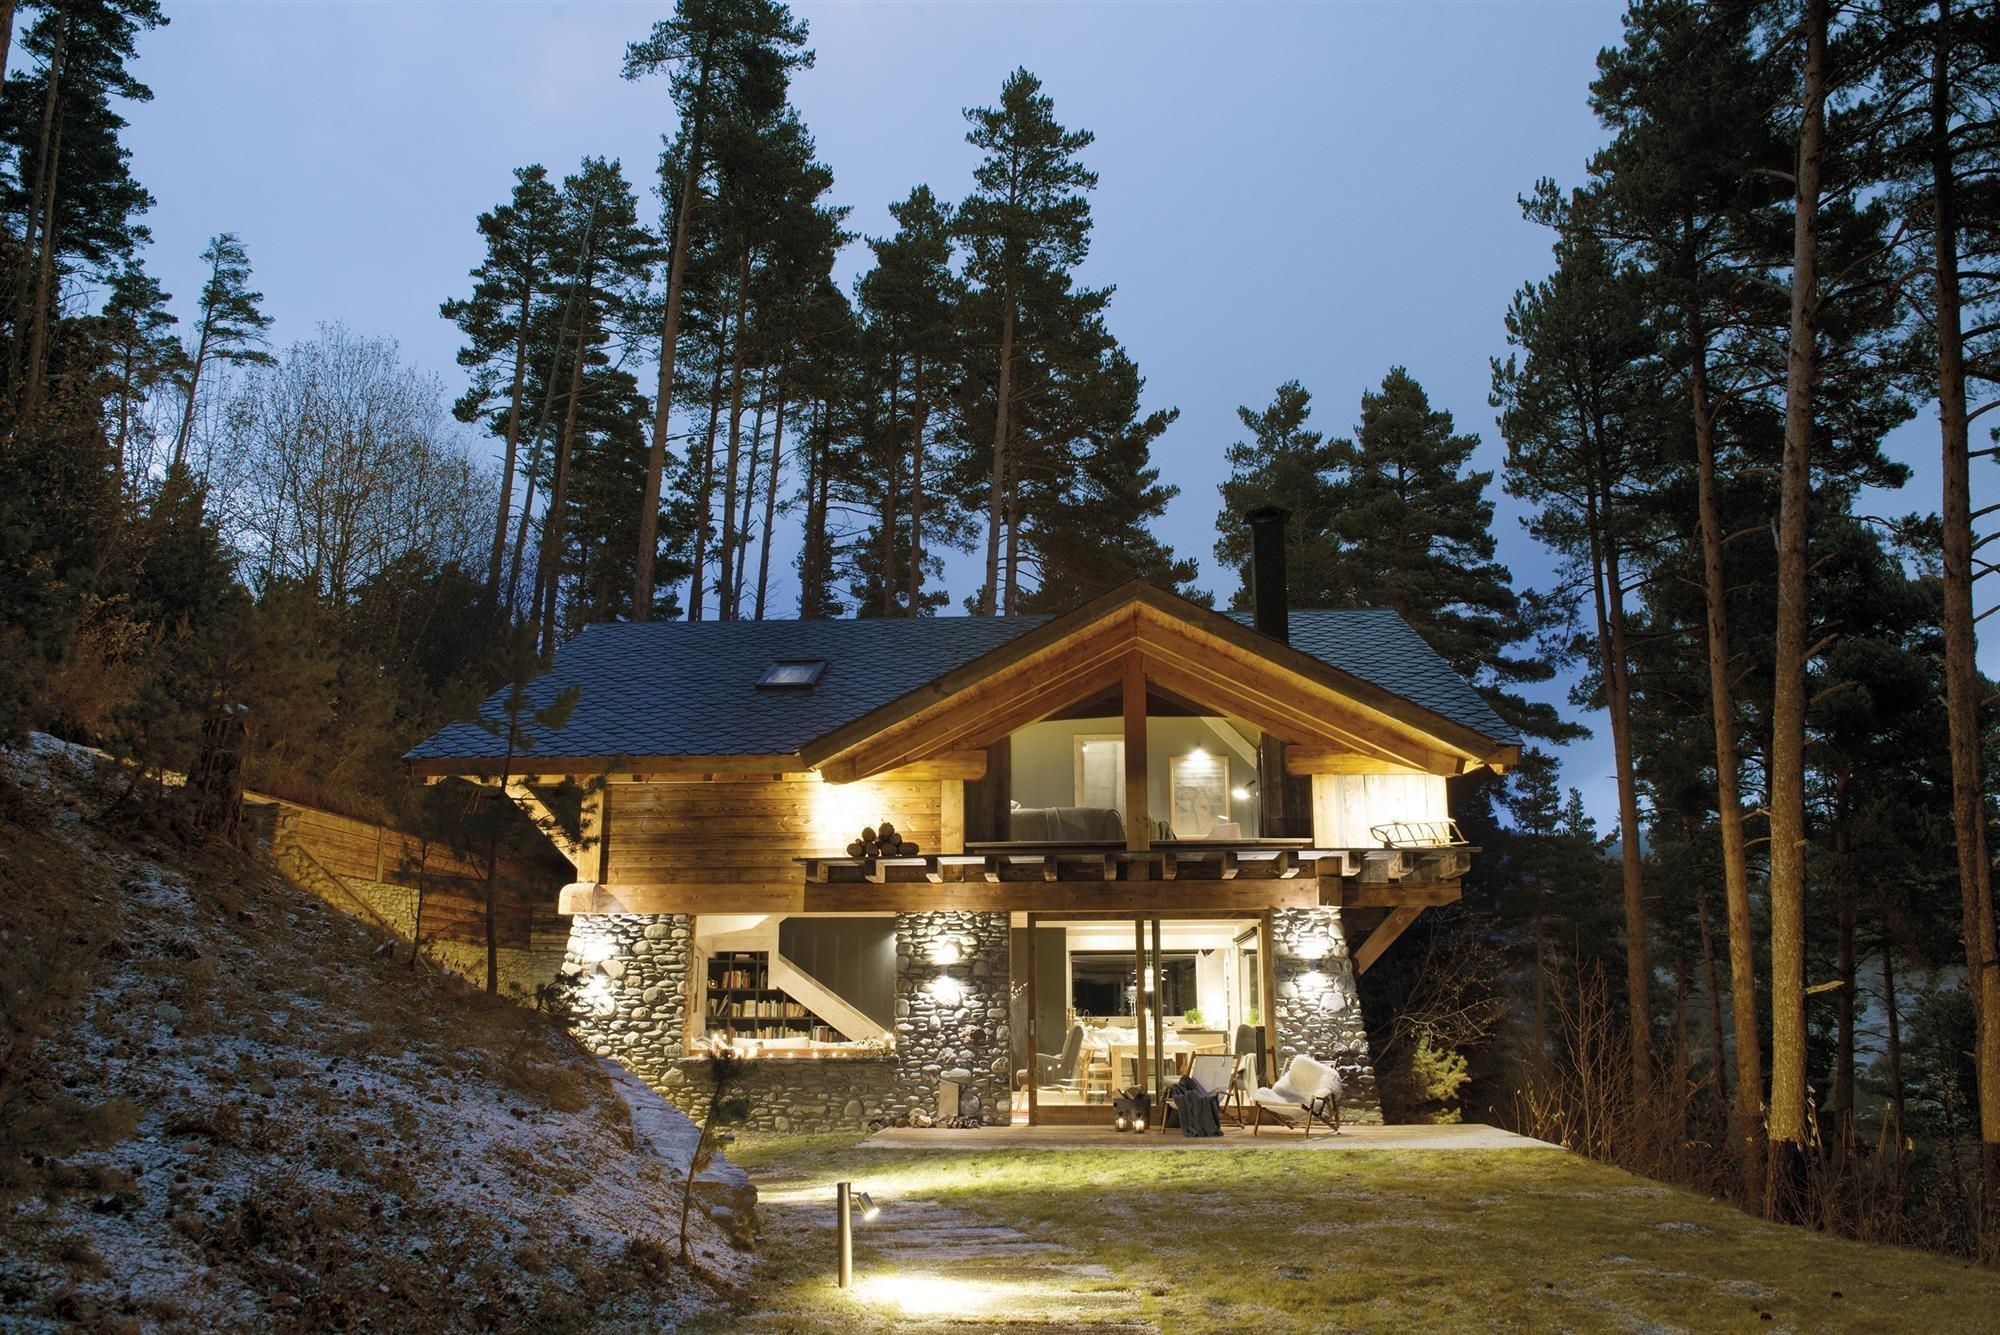 Teplo krbu, hebkost přikrývek, vůně lesa a dostatek soukromí – to všechno a mnohem více nabízí moderní dřevěný dům obklopený vzrostlými jehličnany. Jeho interiér se nese převážně v severském duchu, má vkus a neobyčejný smysl pro detail.